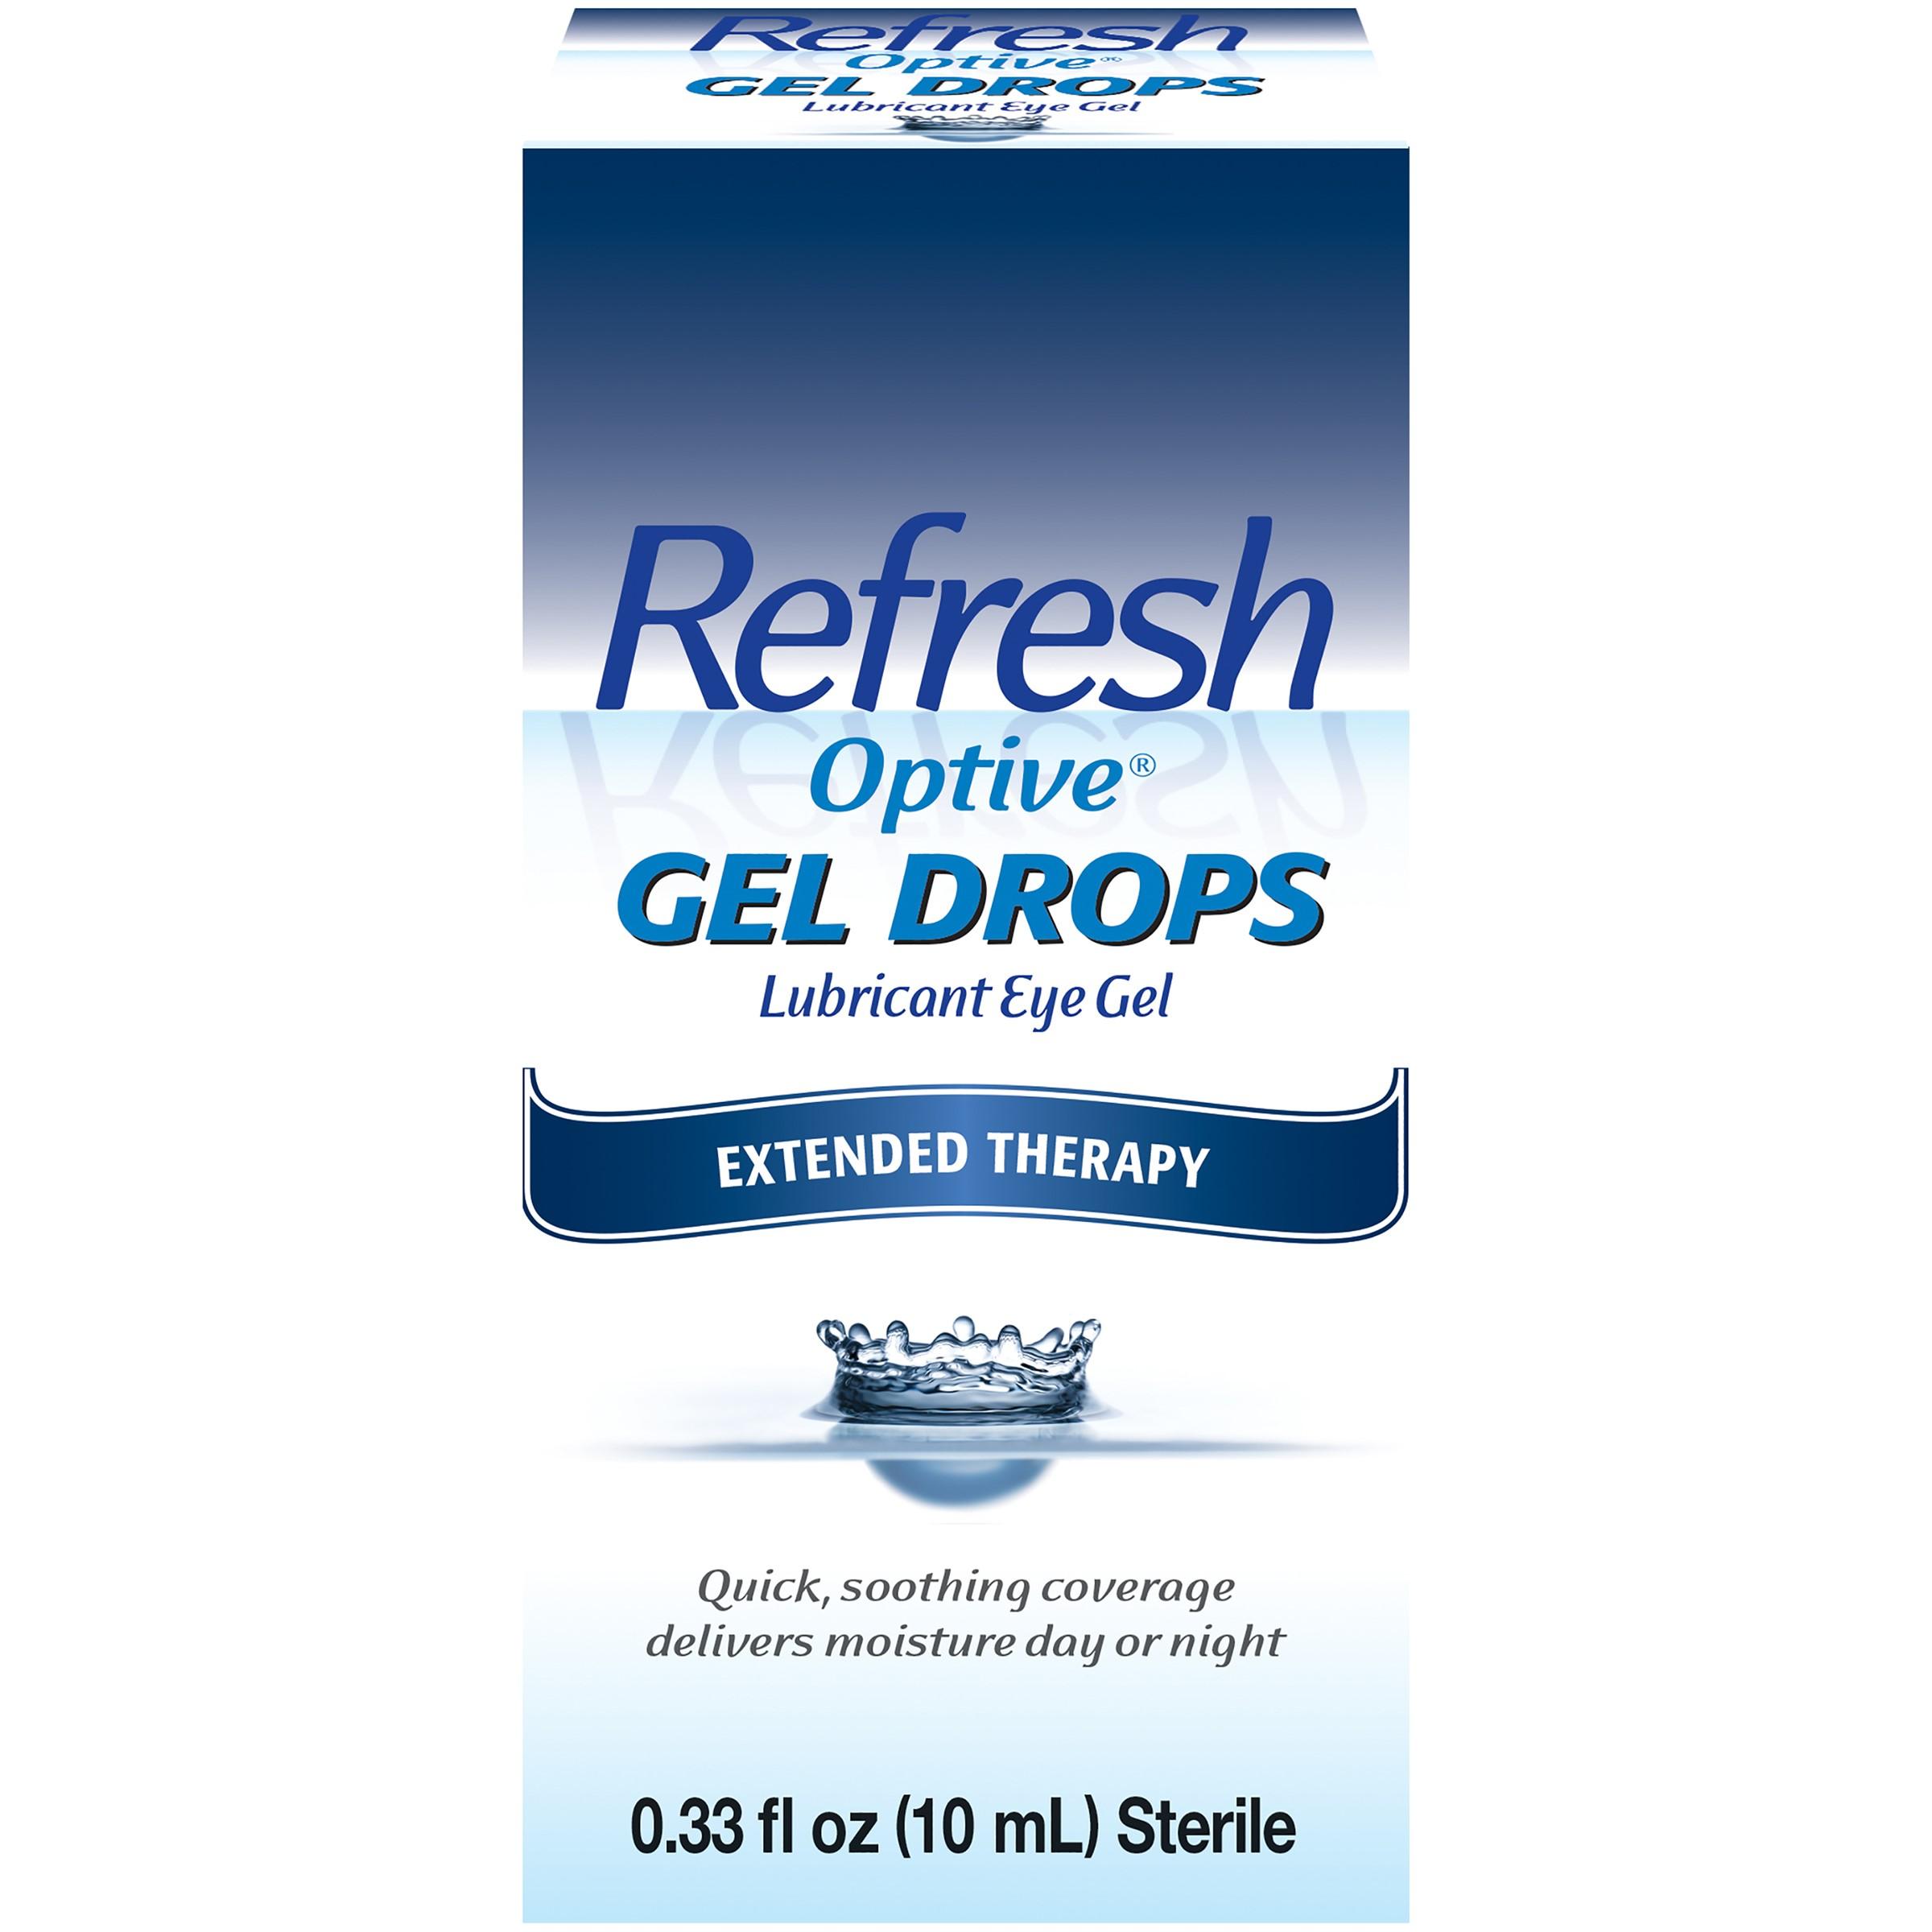 Refresh Optive Gel Drops Lubricant Eye Gel, 0.33 fl oz